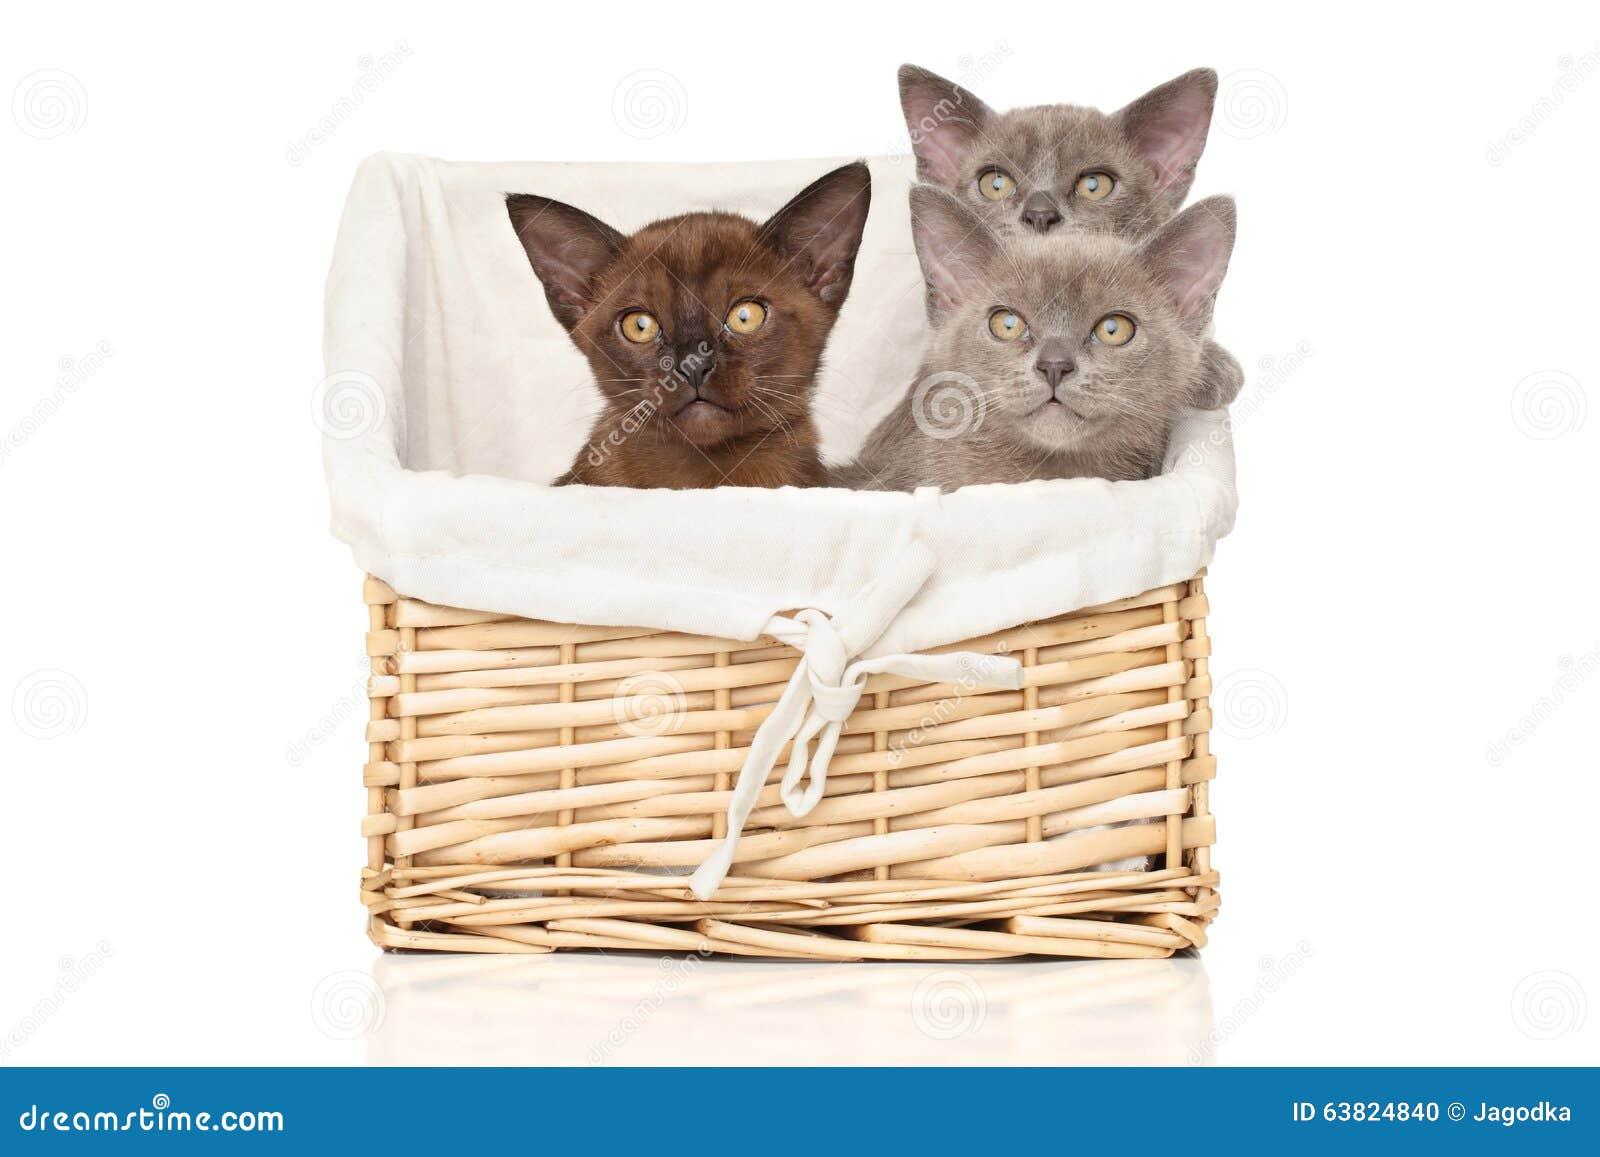 Burmese kittens on a white background